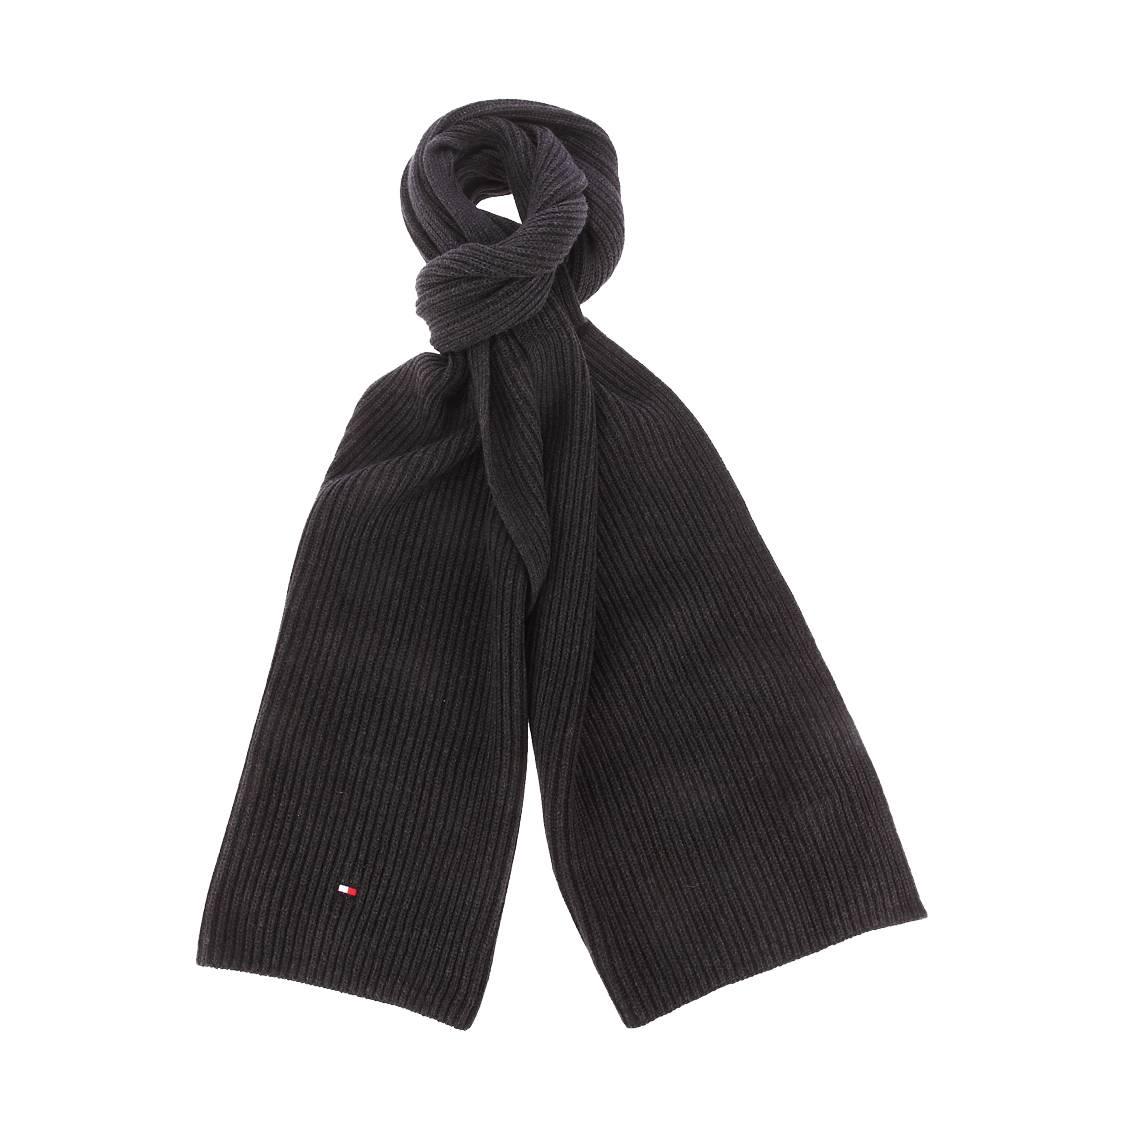 Echarpe tommy hilfiger en coton pima et cachemire noir chiné